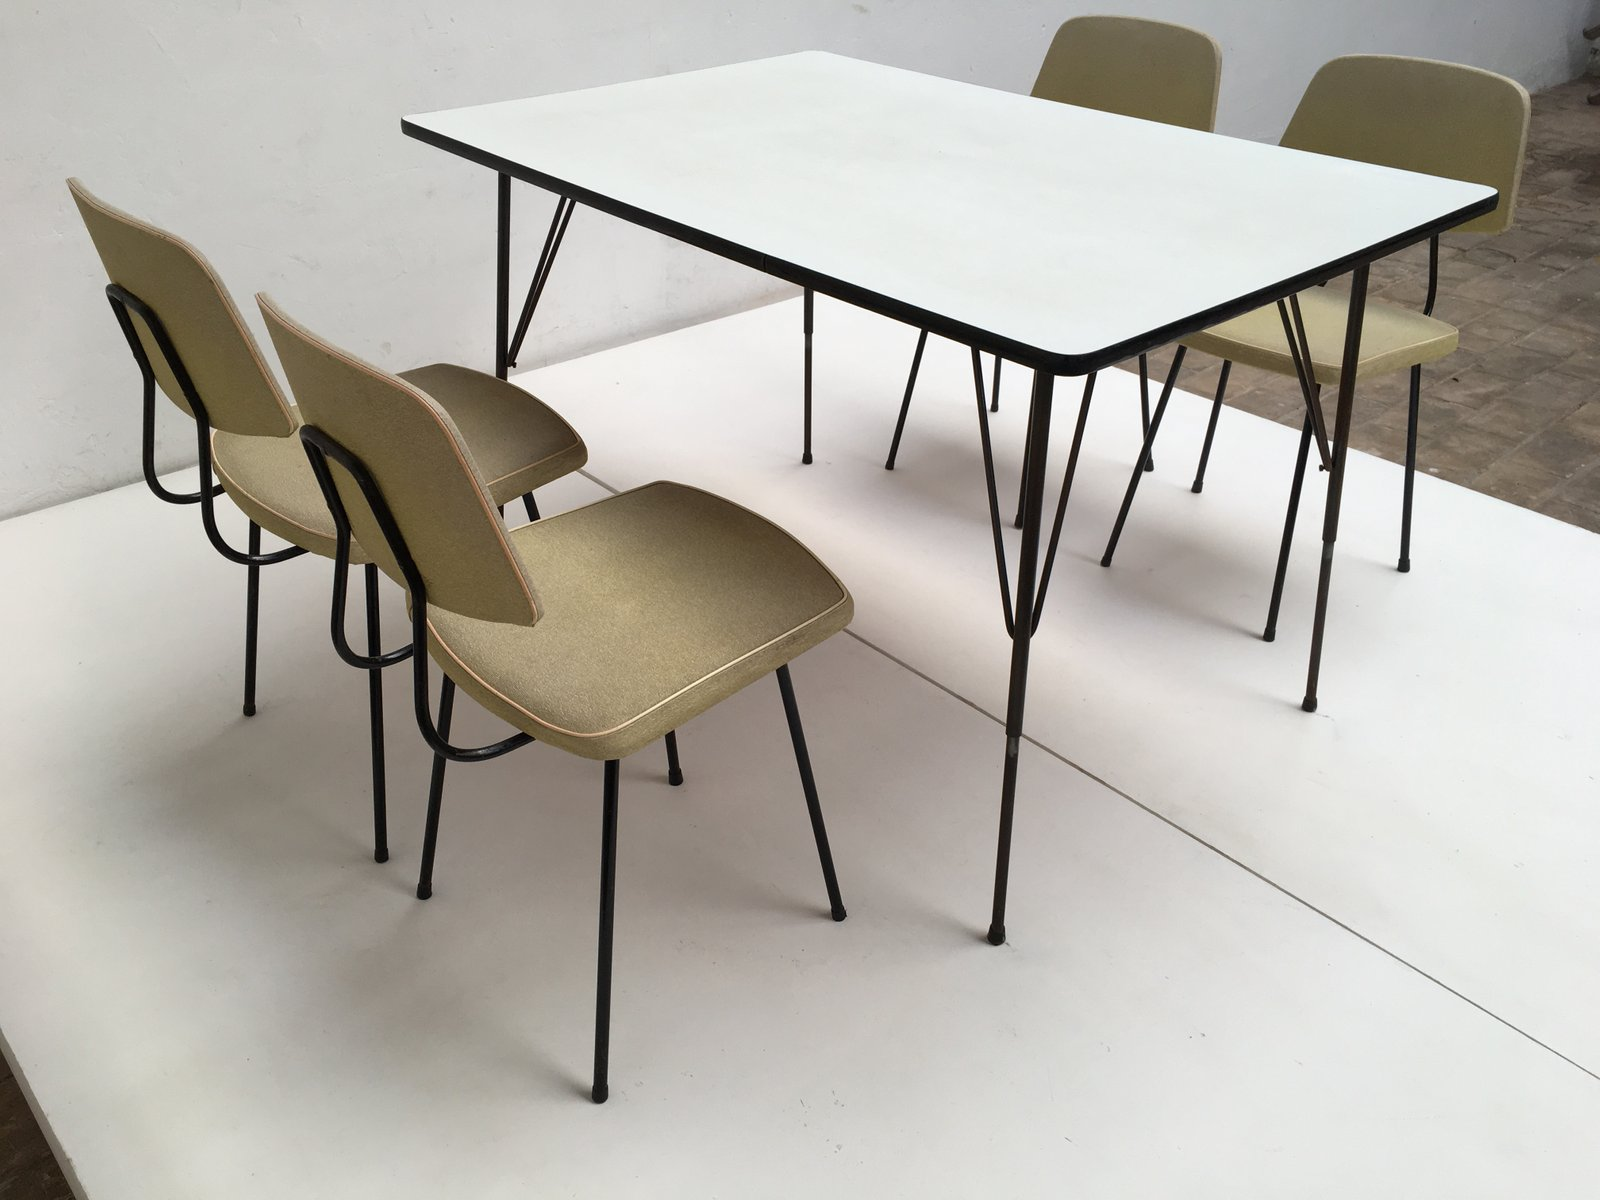 Dining Set By Rudolf Wolf For Elsrijk Steel Furniture, 1950s